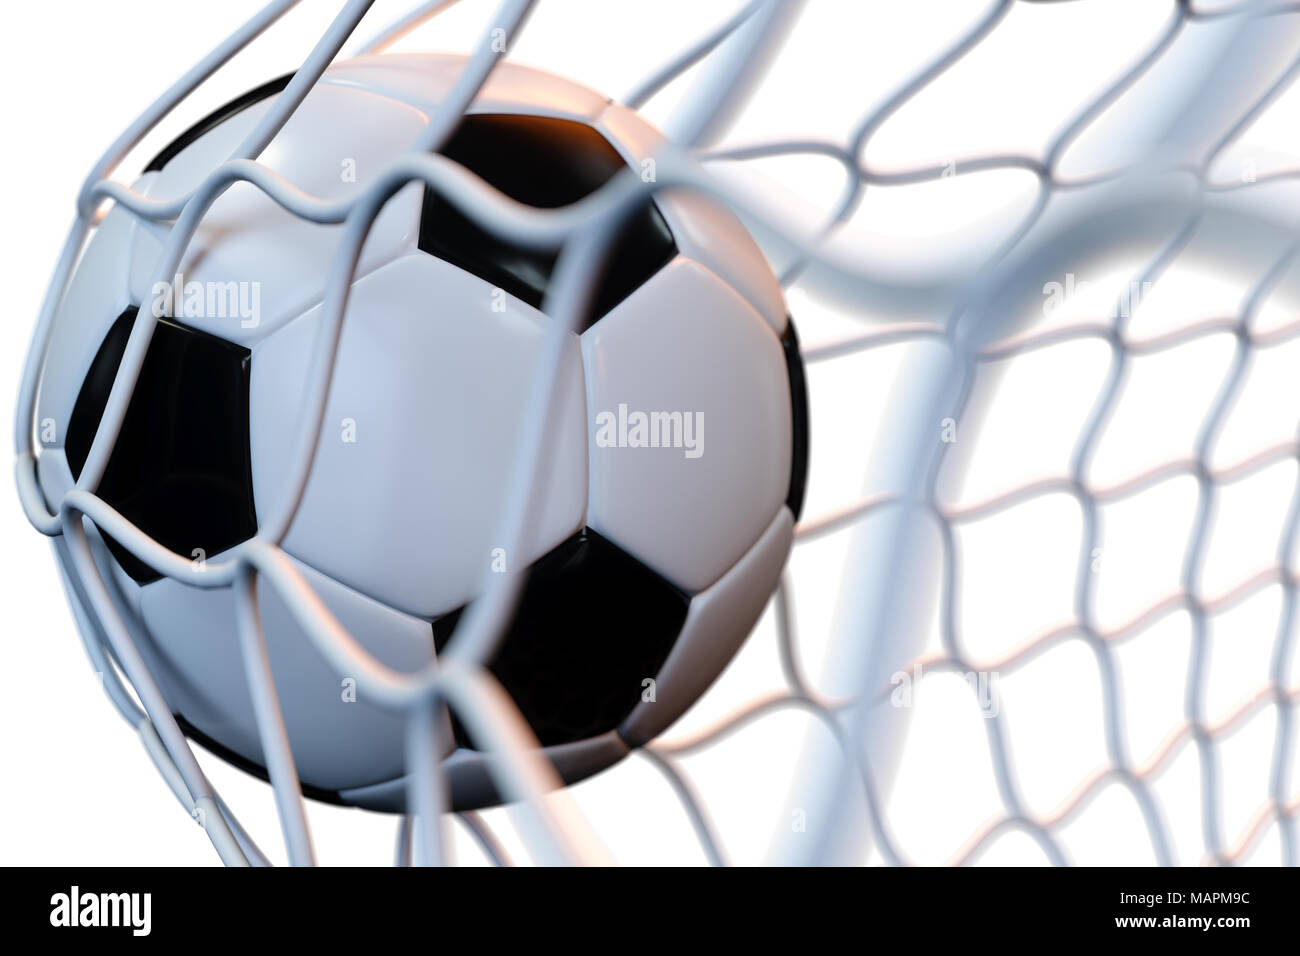 3D rendering una pelota de fútbol en la portería en movimiento. Balón de  fútbol en 0151ef43d1e2f